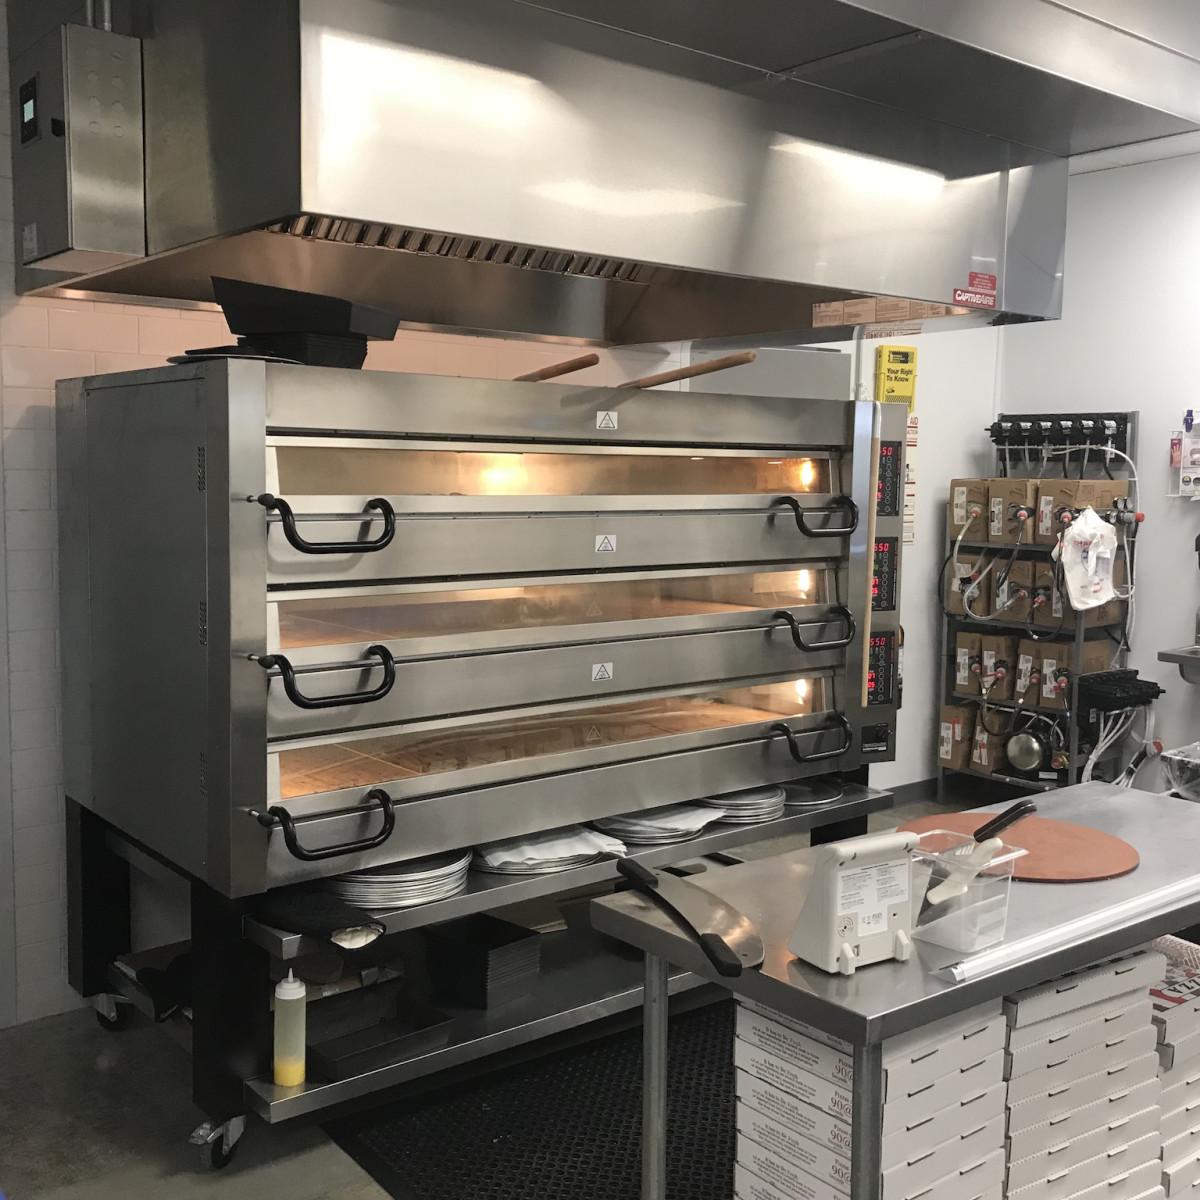 Pizaro's Memorial deck oven